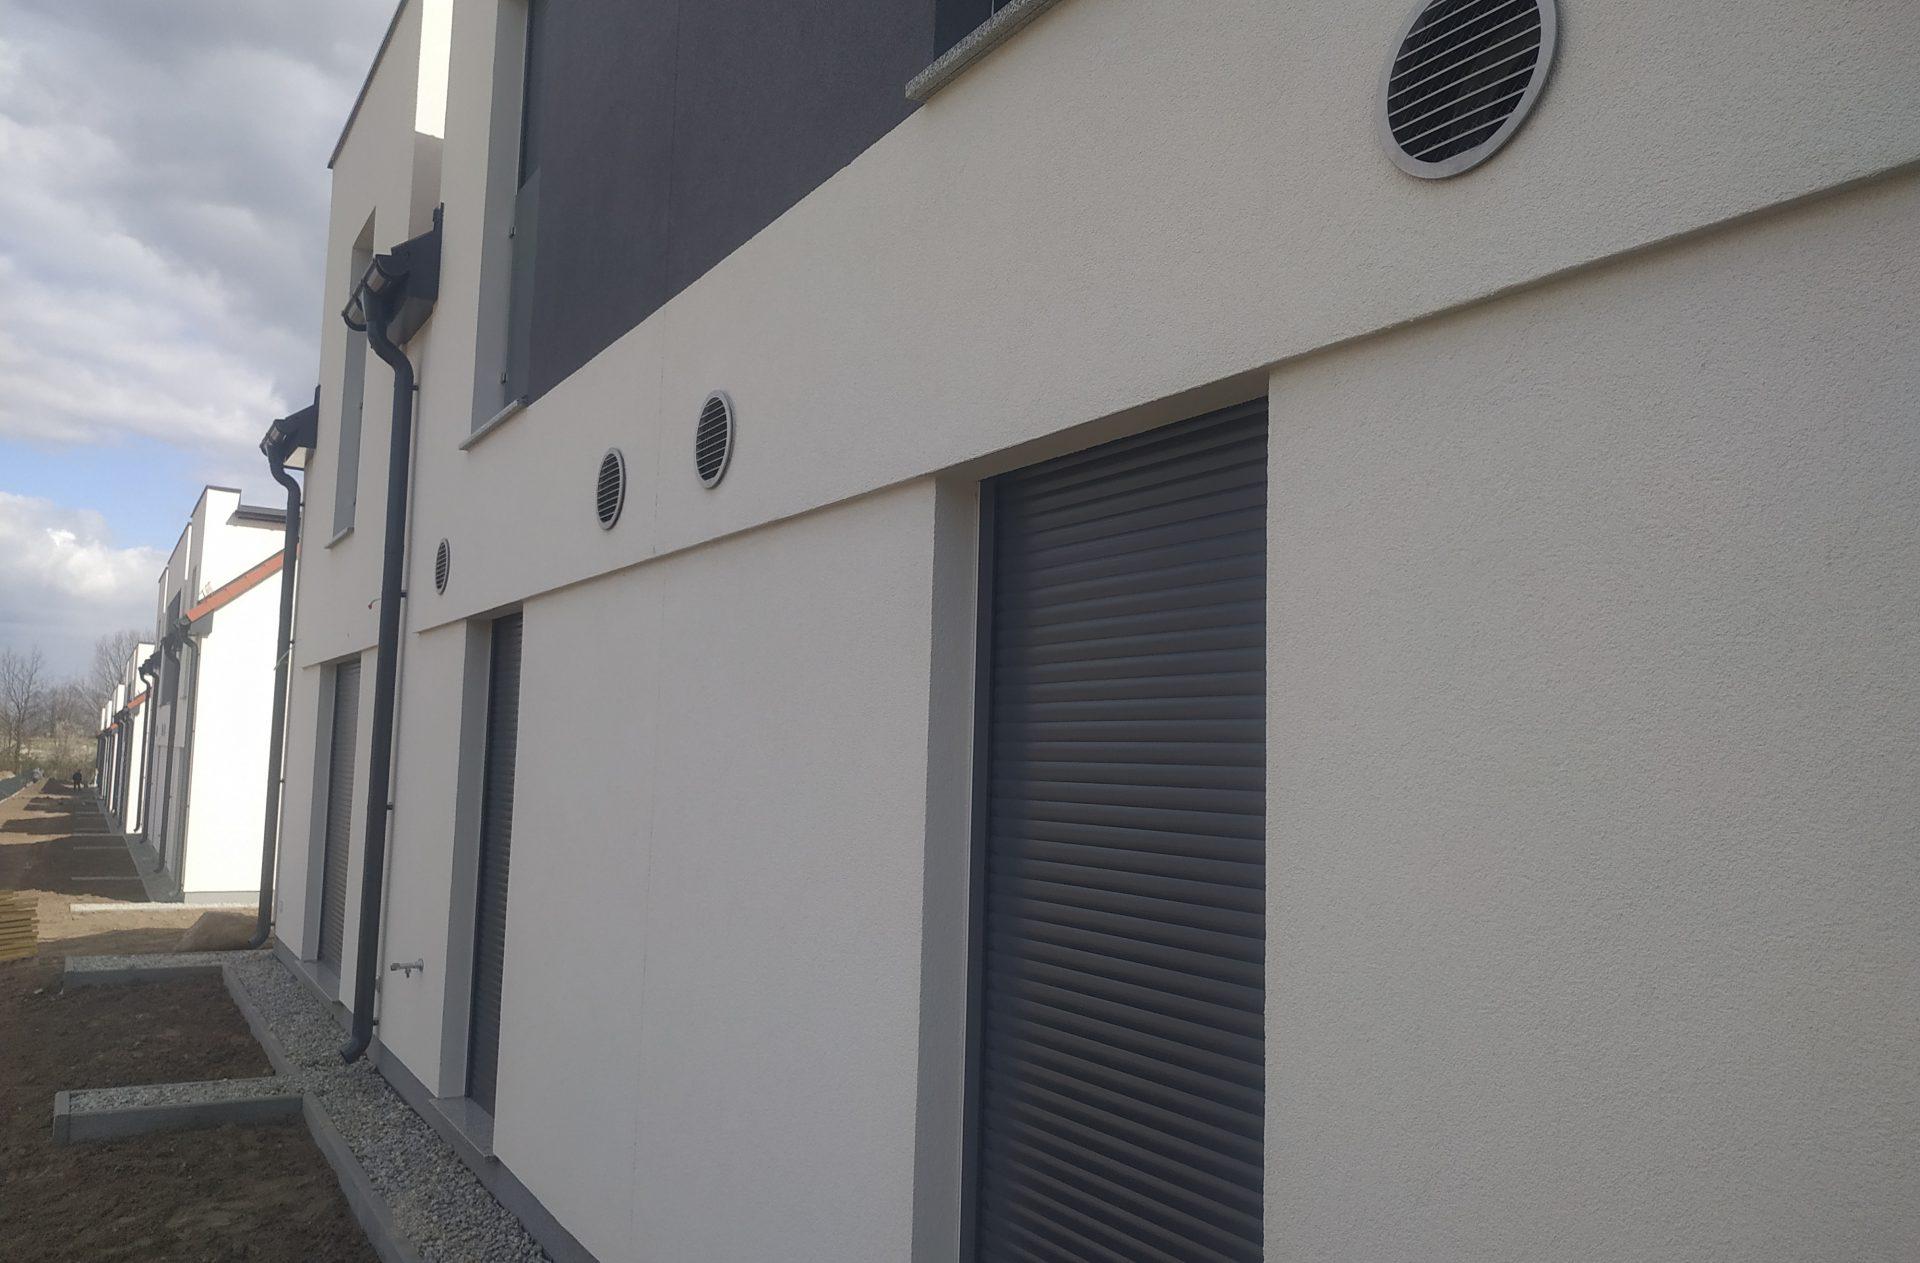 Rekuperacja w budynkach szeregowych